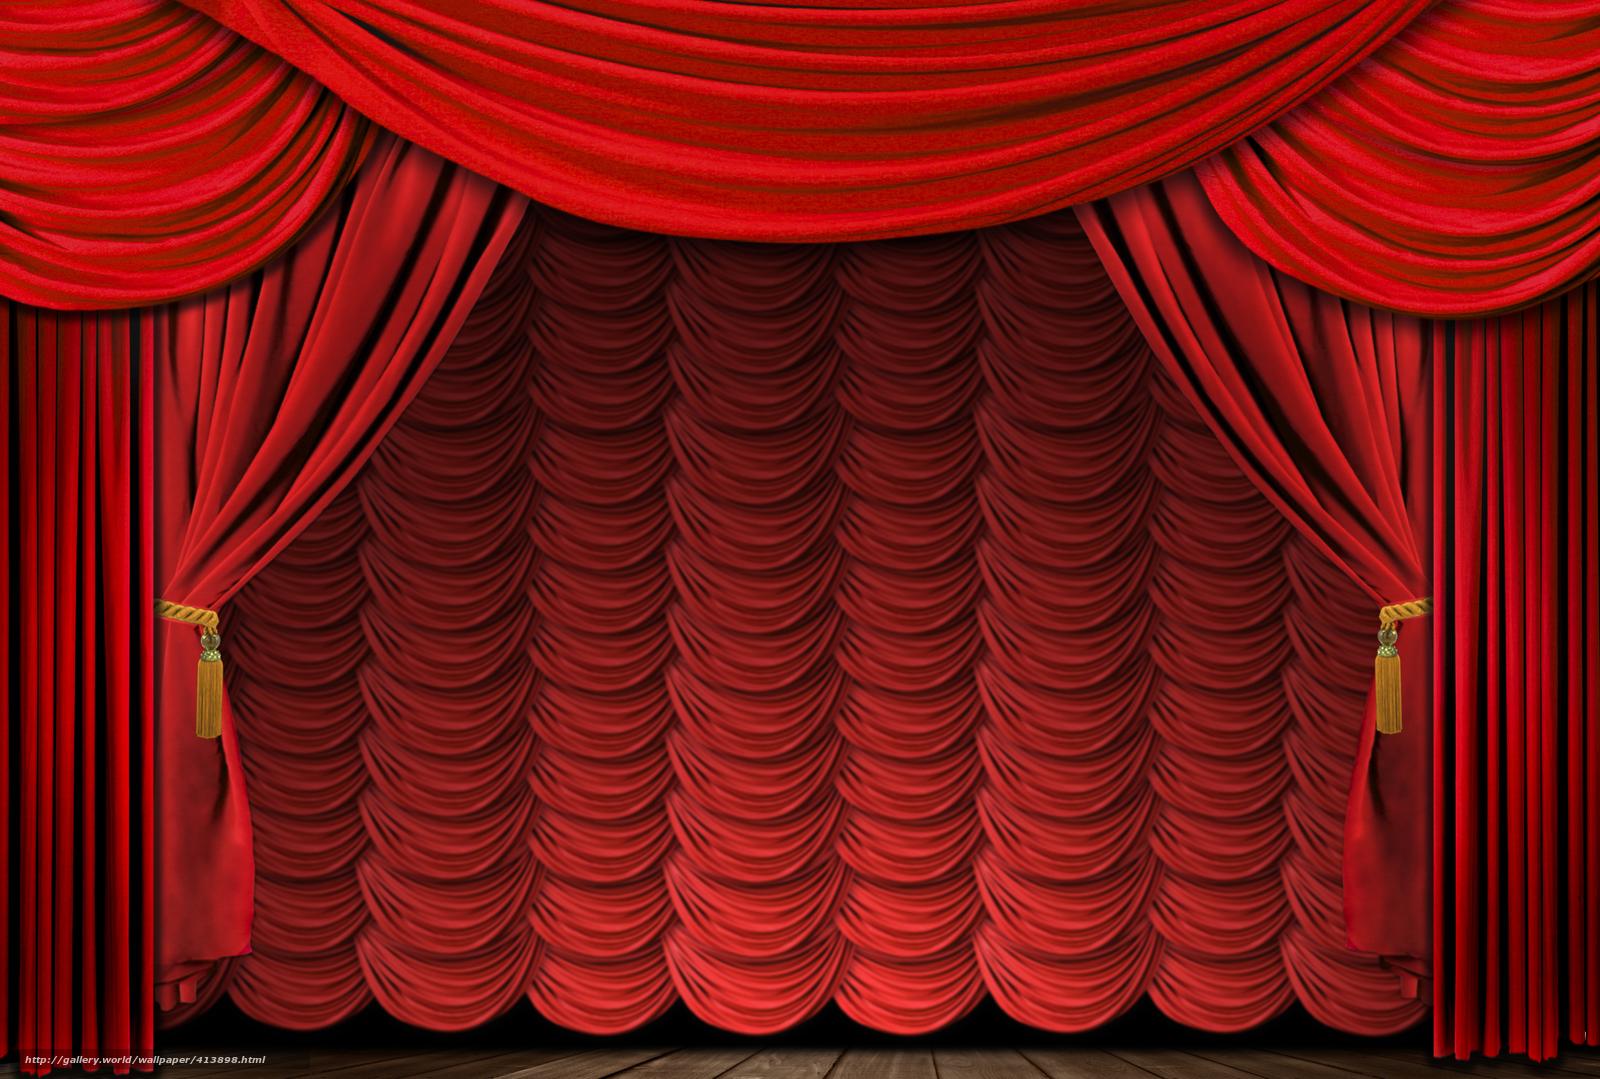 Verdunkelungsvorhang Kinderzimmer Ikea ~ Download Hintergrund Vorhang, rot, blind, drapieren Freie desktop …